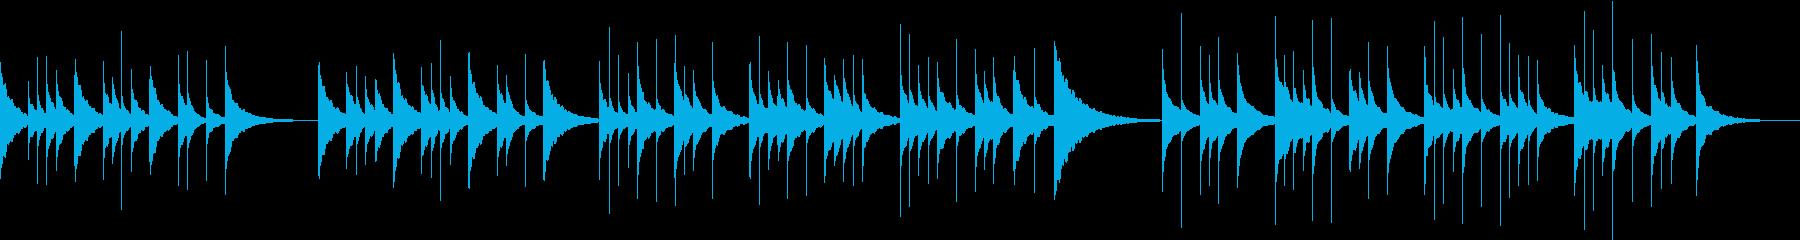 切ない優しいビブラフォンのソロ【鉄琴】の再生済みの波形